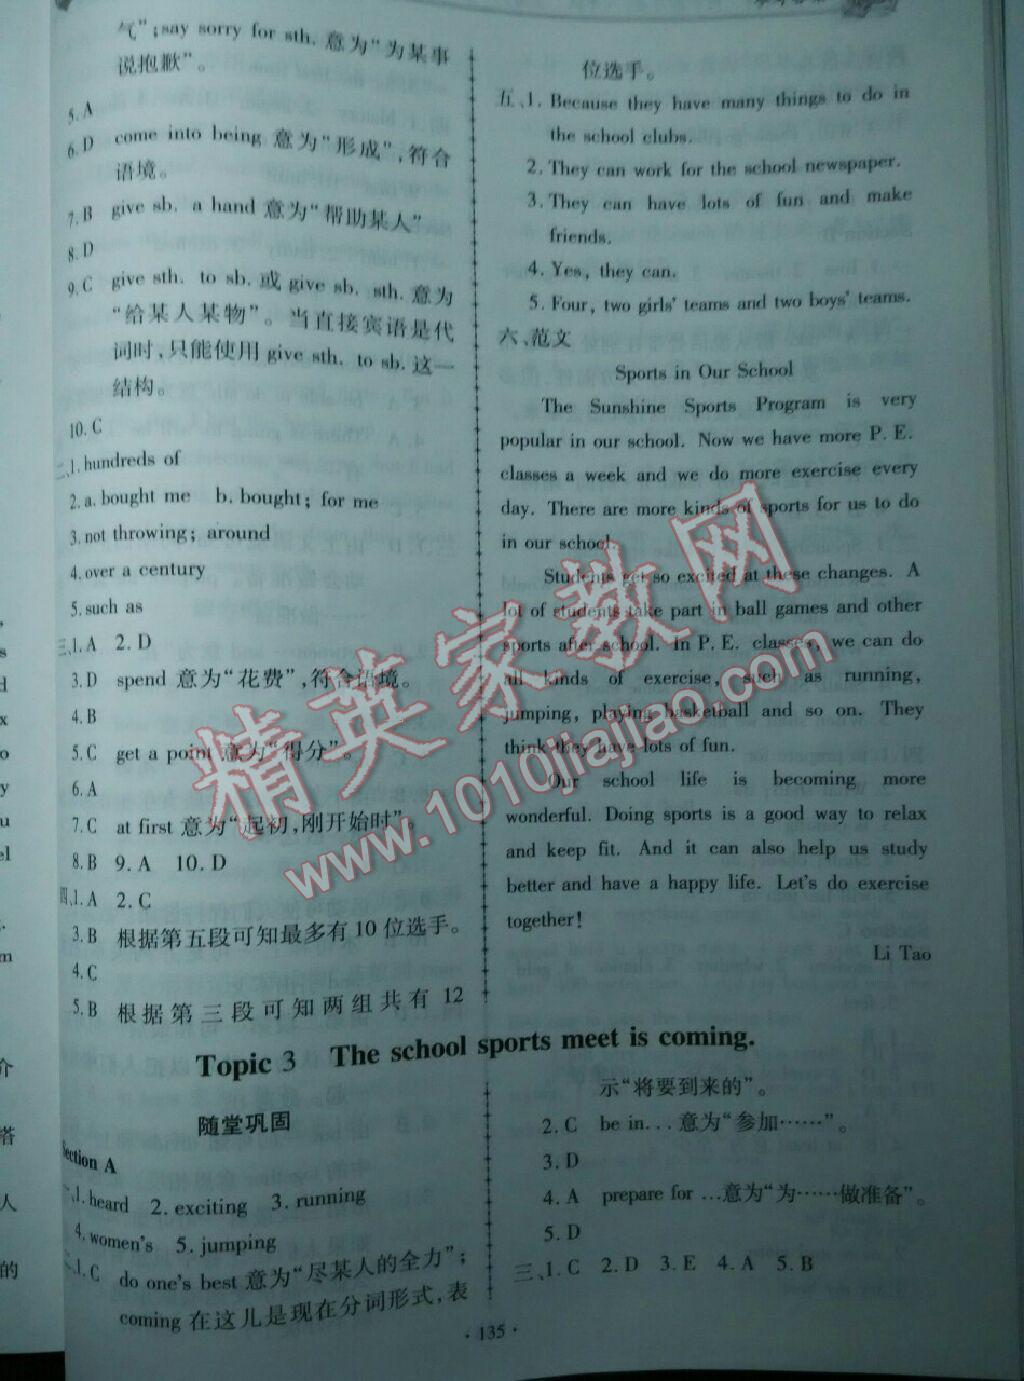 仁爱英语同步练习册八年级上册第5页